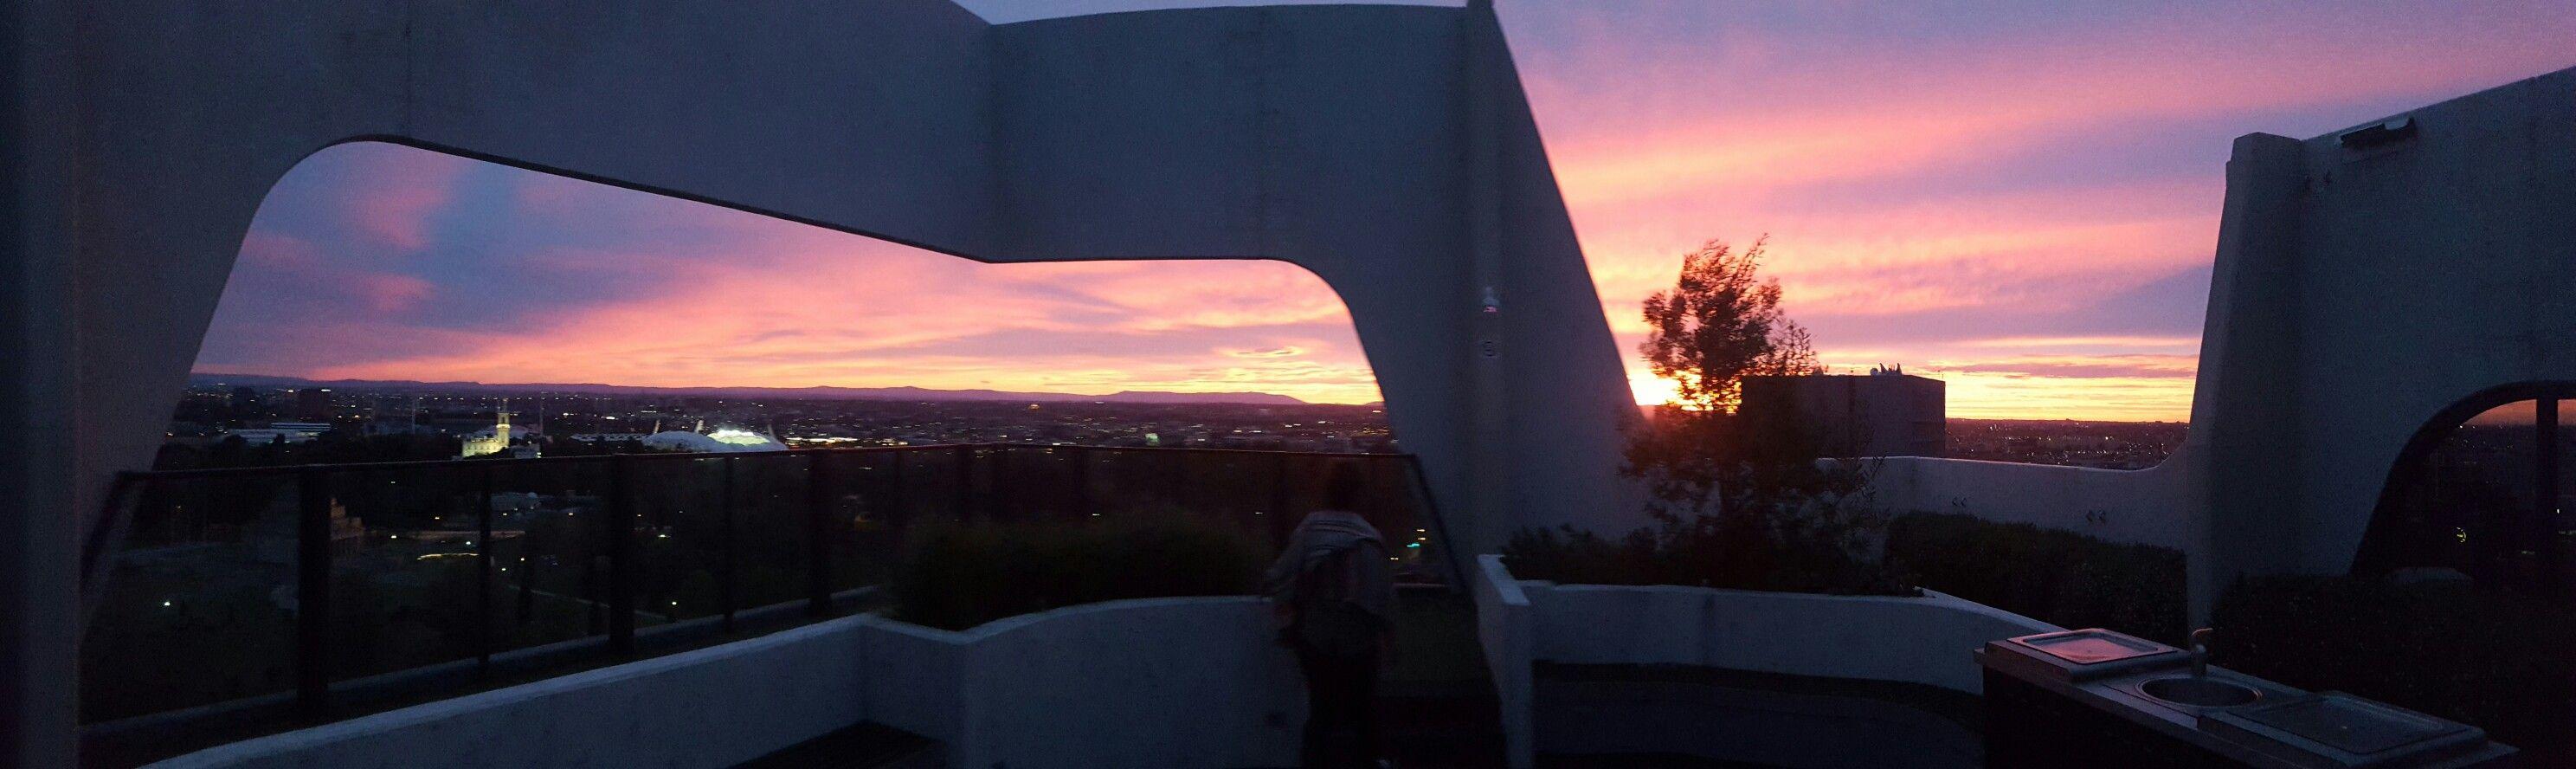 #Melbourne #Australia  #travel #photogaphy #carolinecaccia #rooftop #sunrise #morning